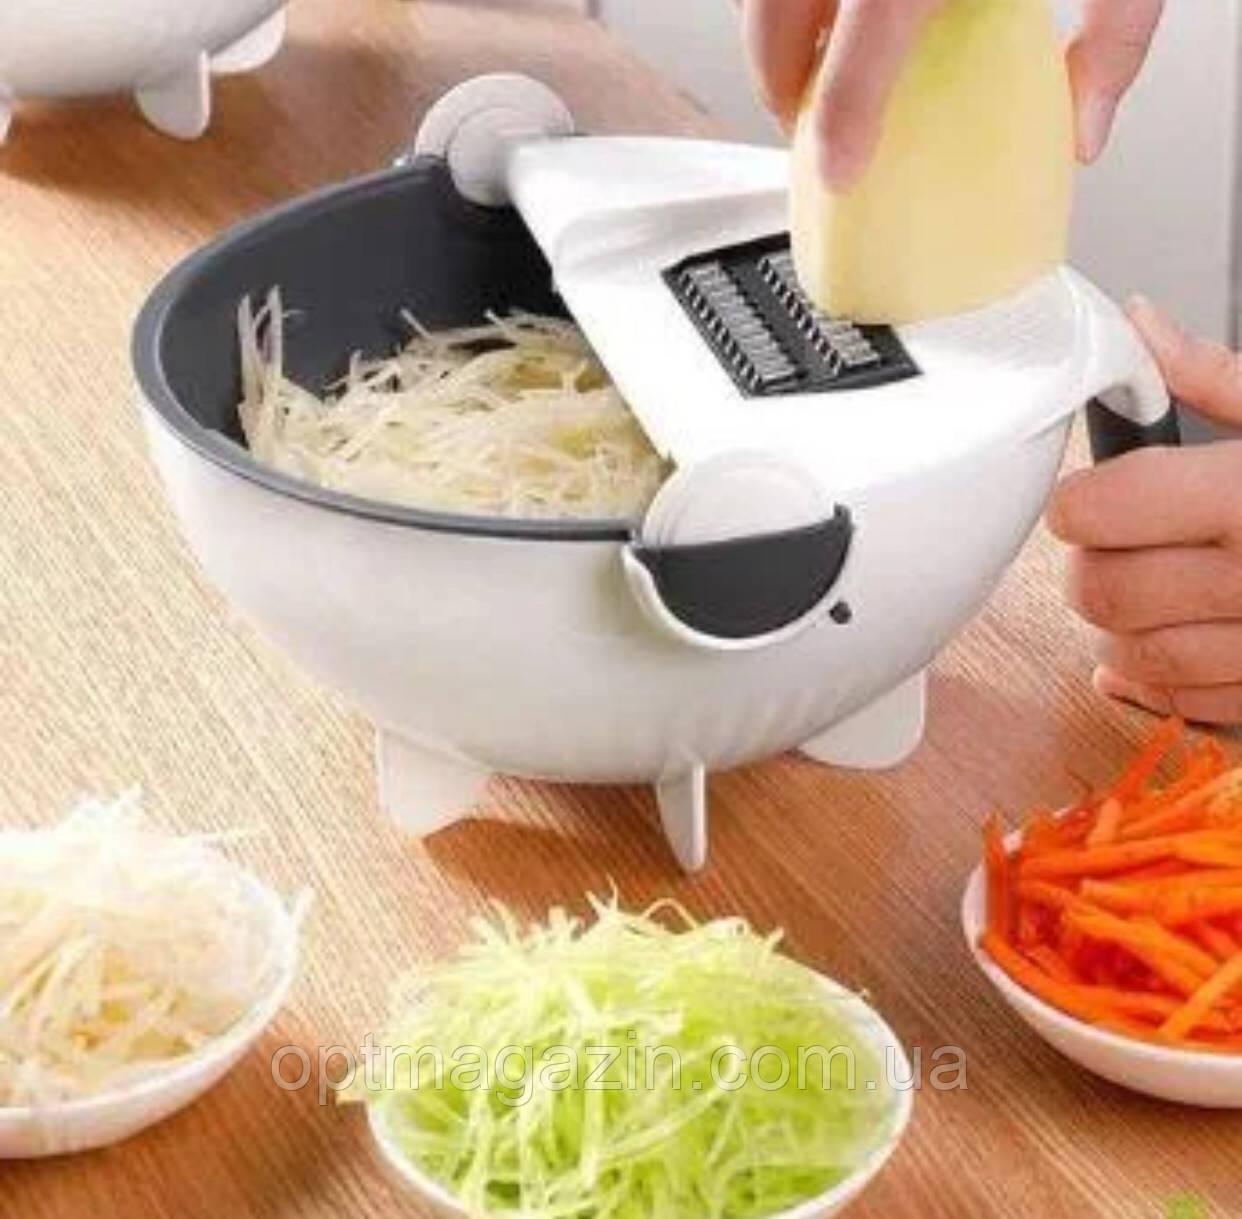 Багатофункціональна терка-овочерізка з контейнером Basket Vegetable Cutter